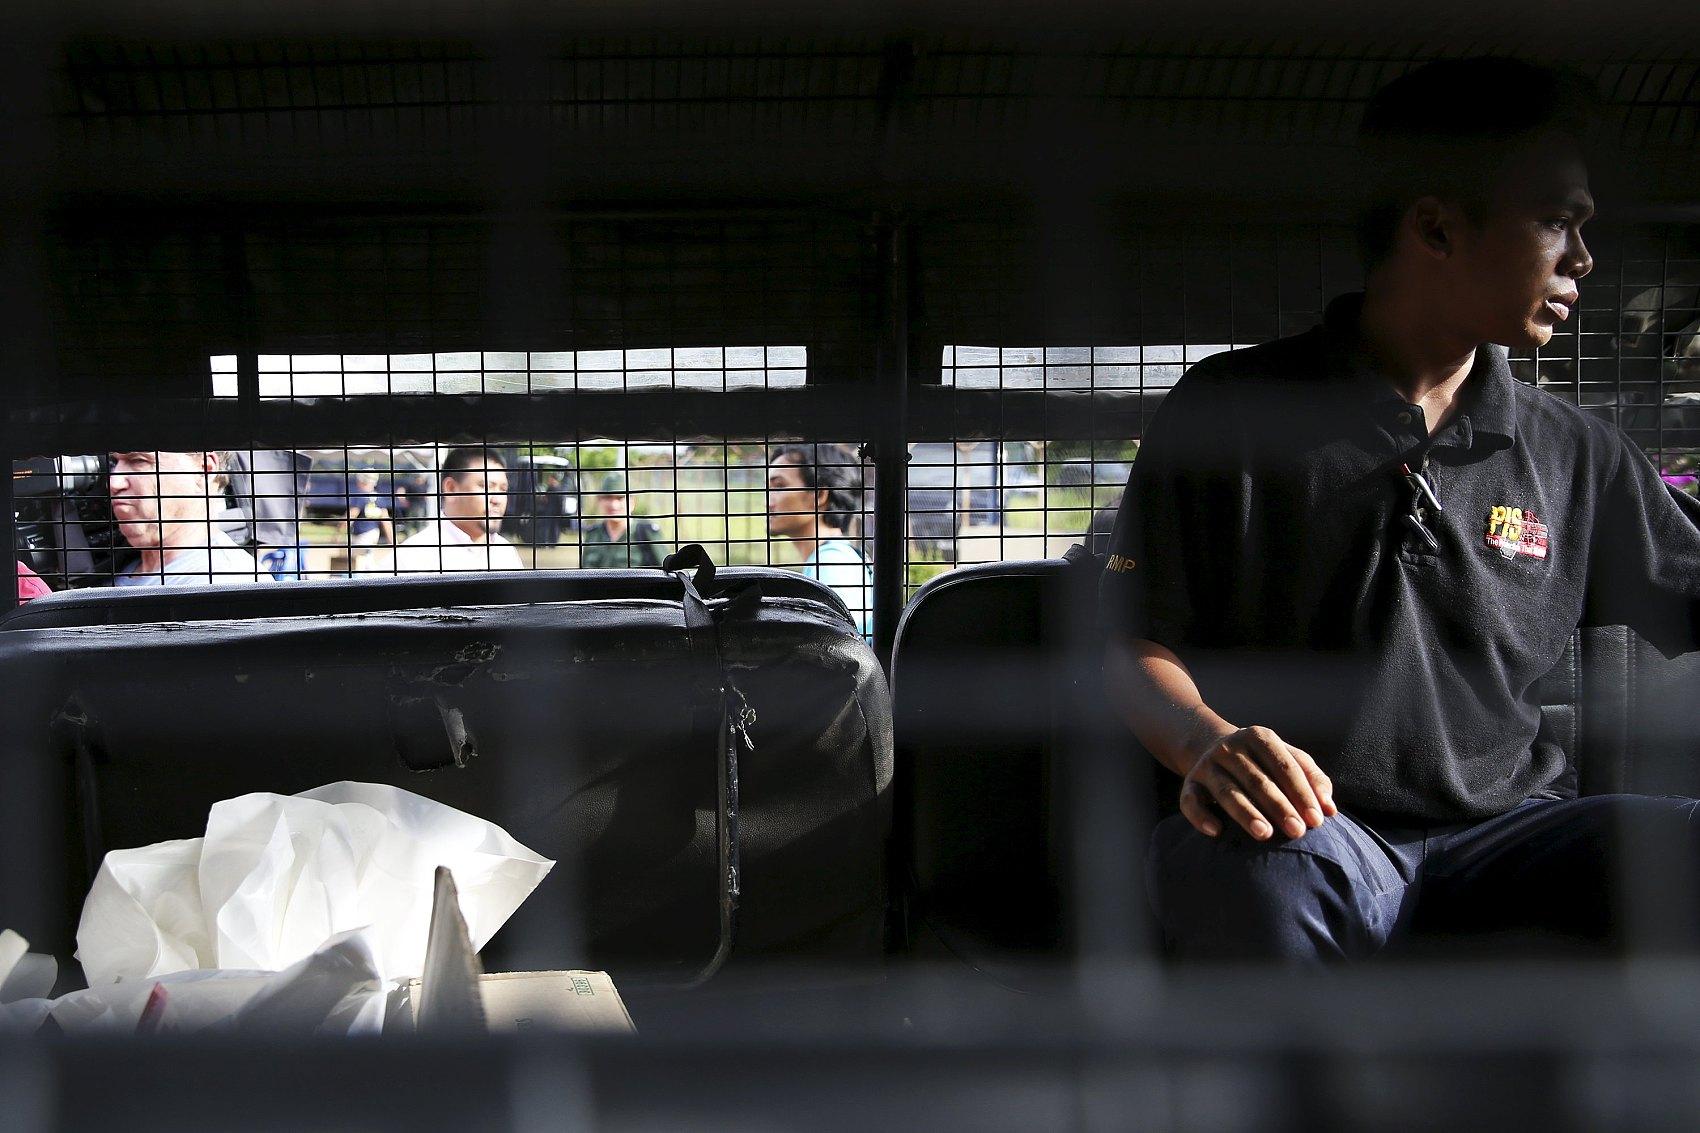 73 smuggled Myanmar nationals sent back from Thailand